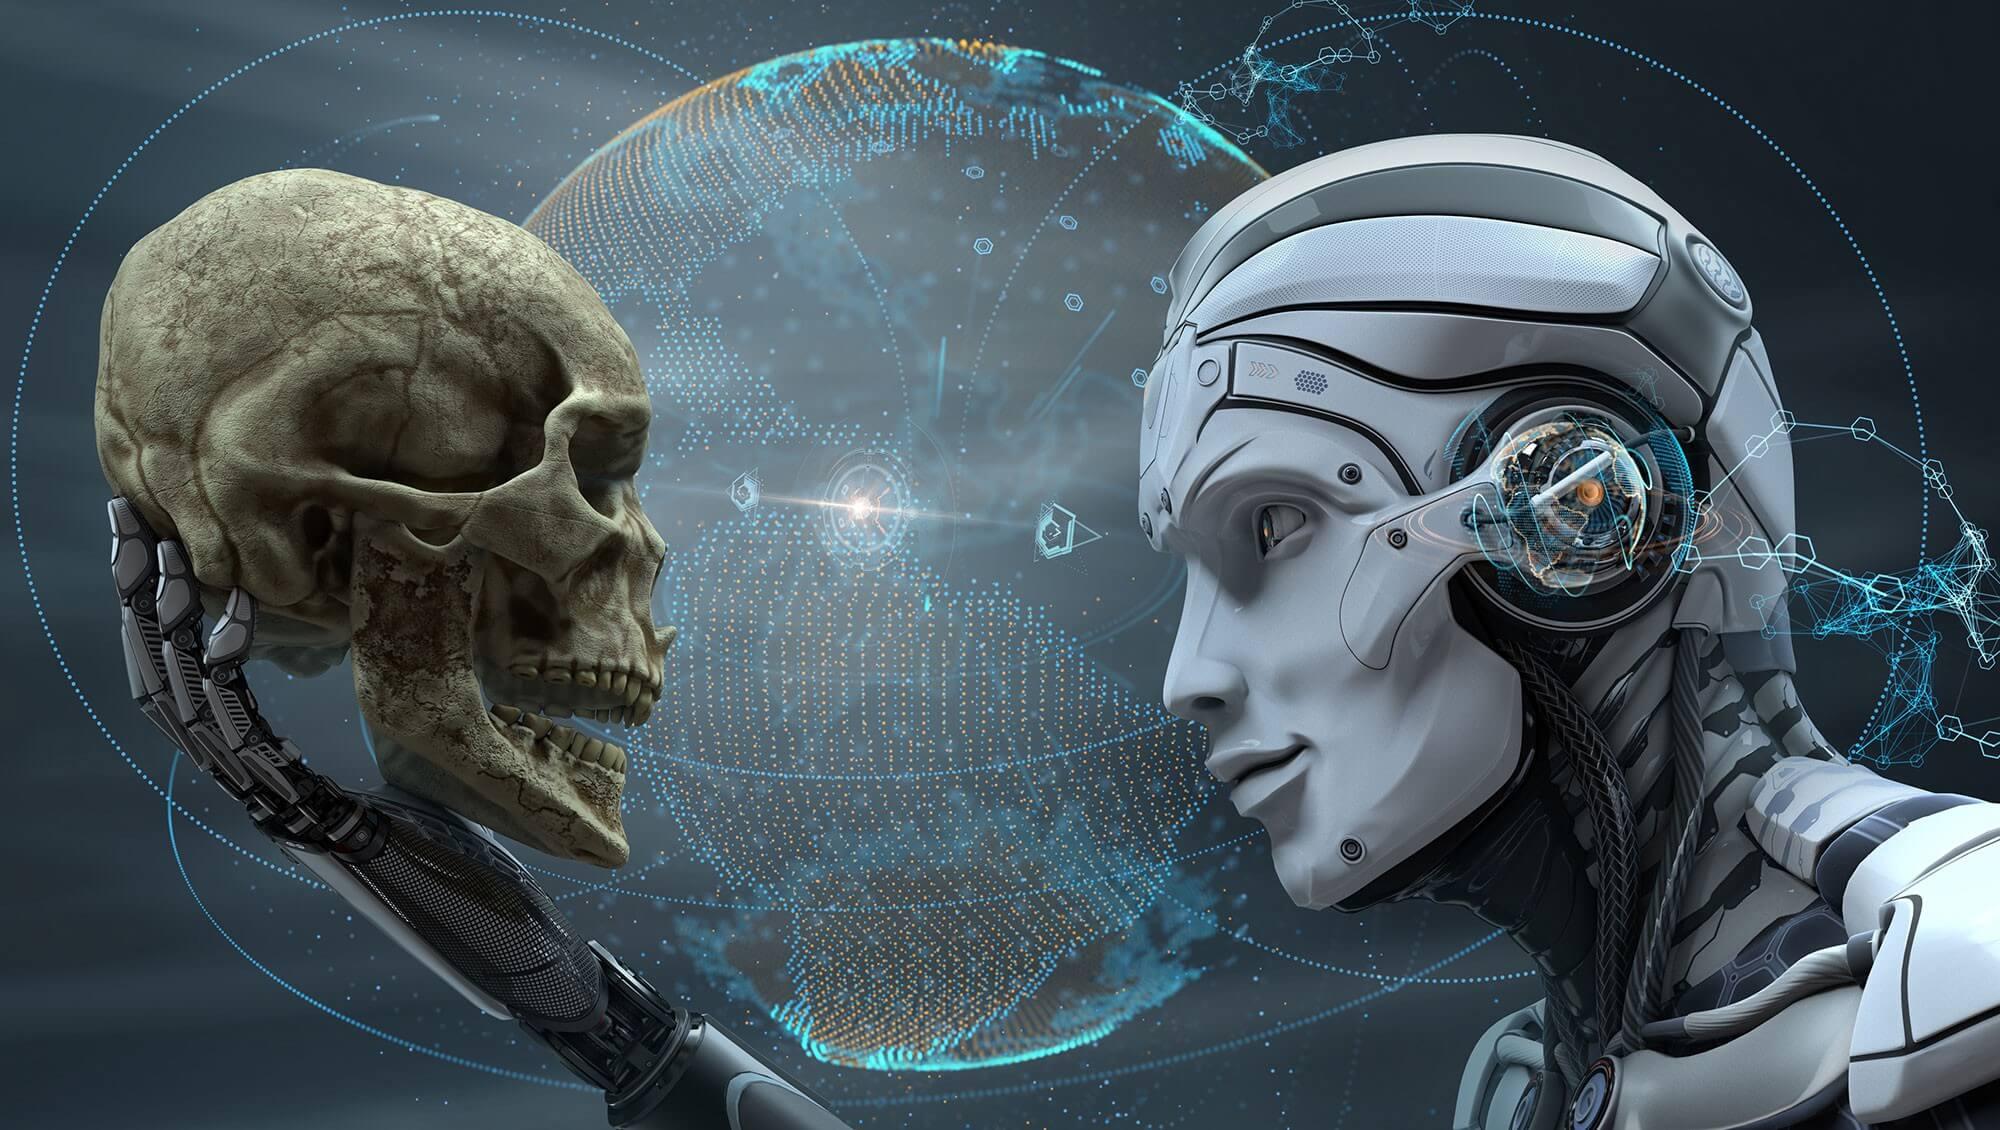 Тёмная сторона искусственного интеллекта: так ли ИИ хорош, как нам говорят